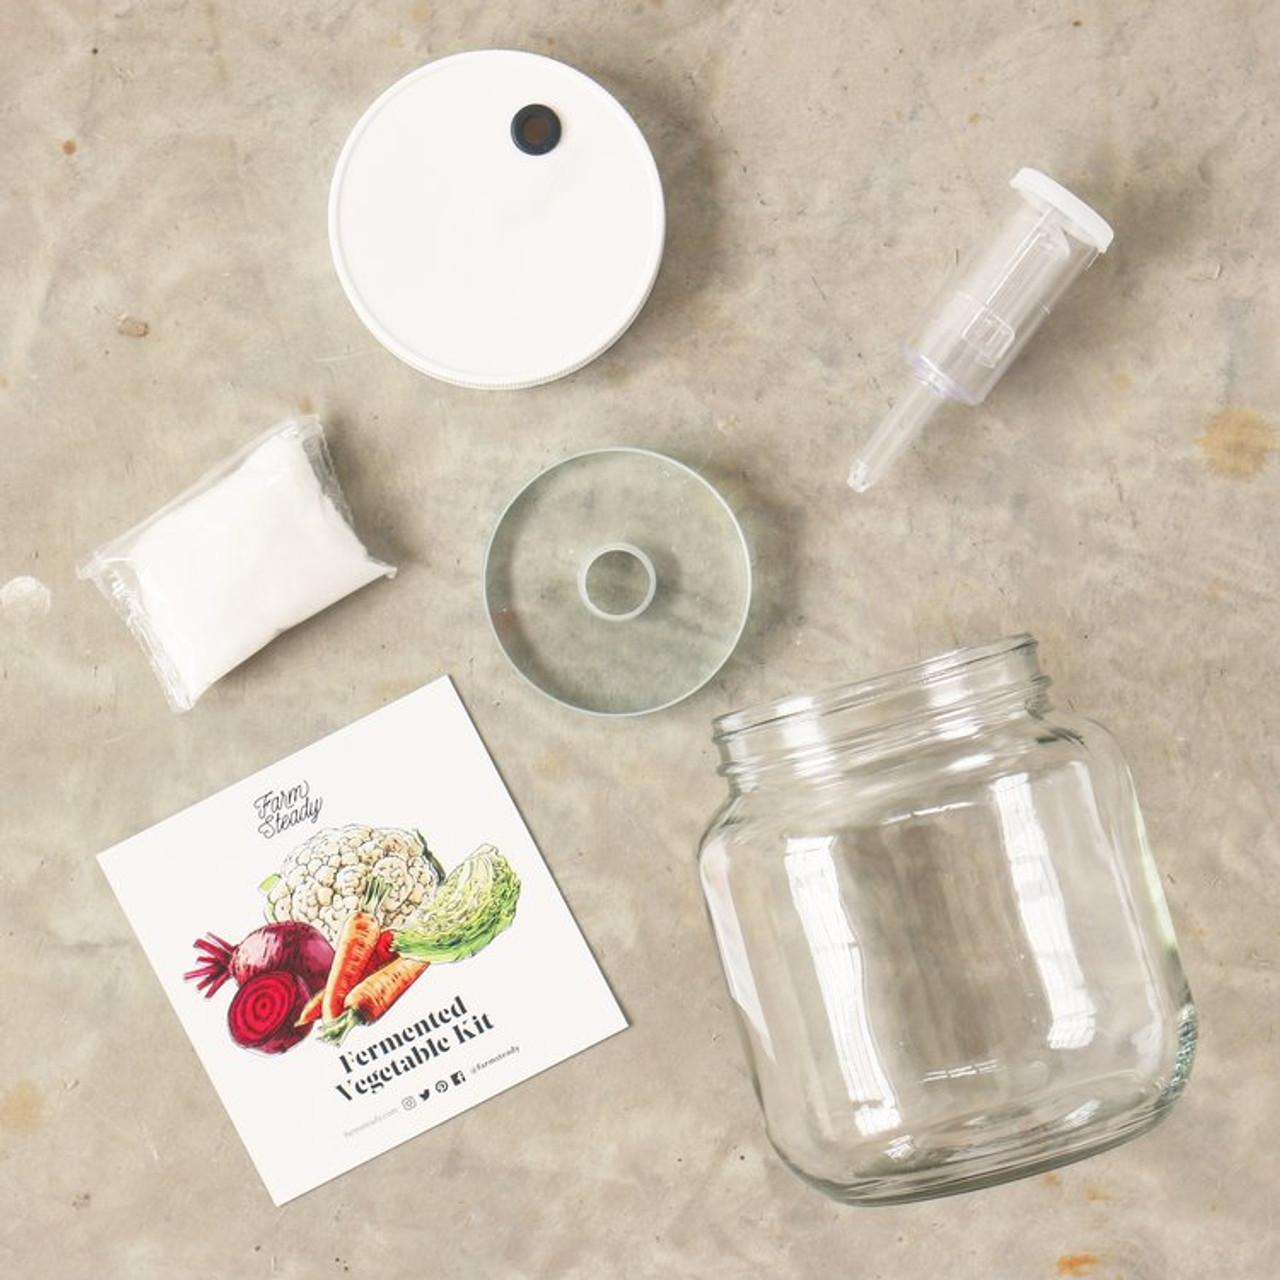 Fermented Vegetable Kit